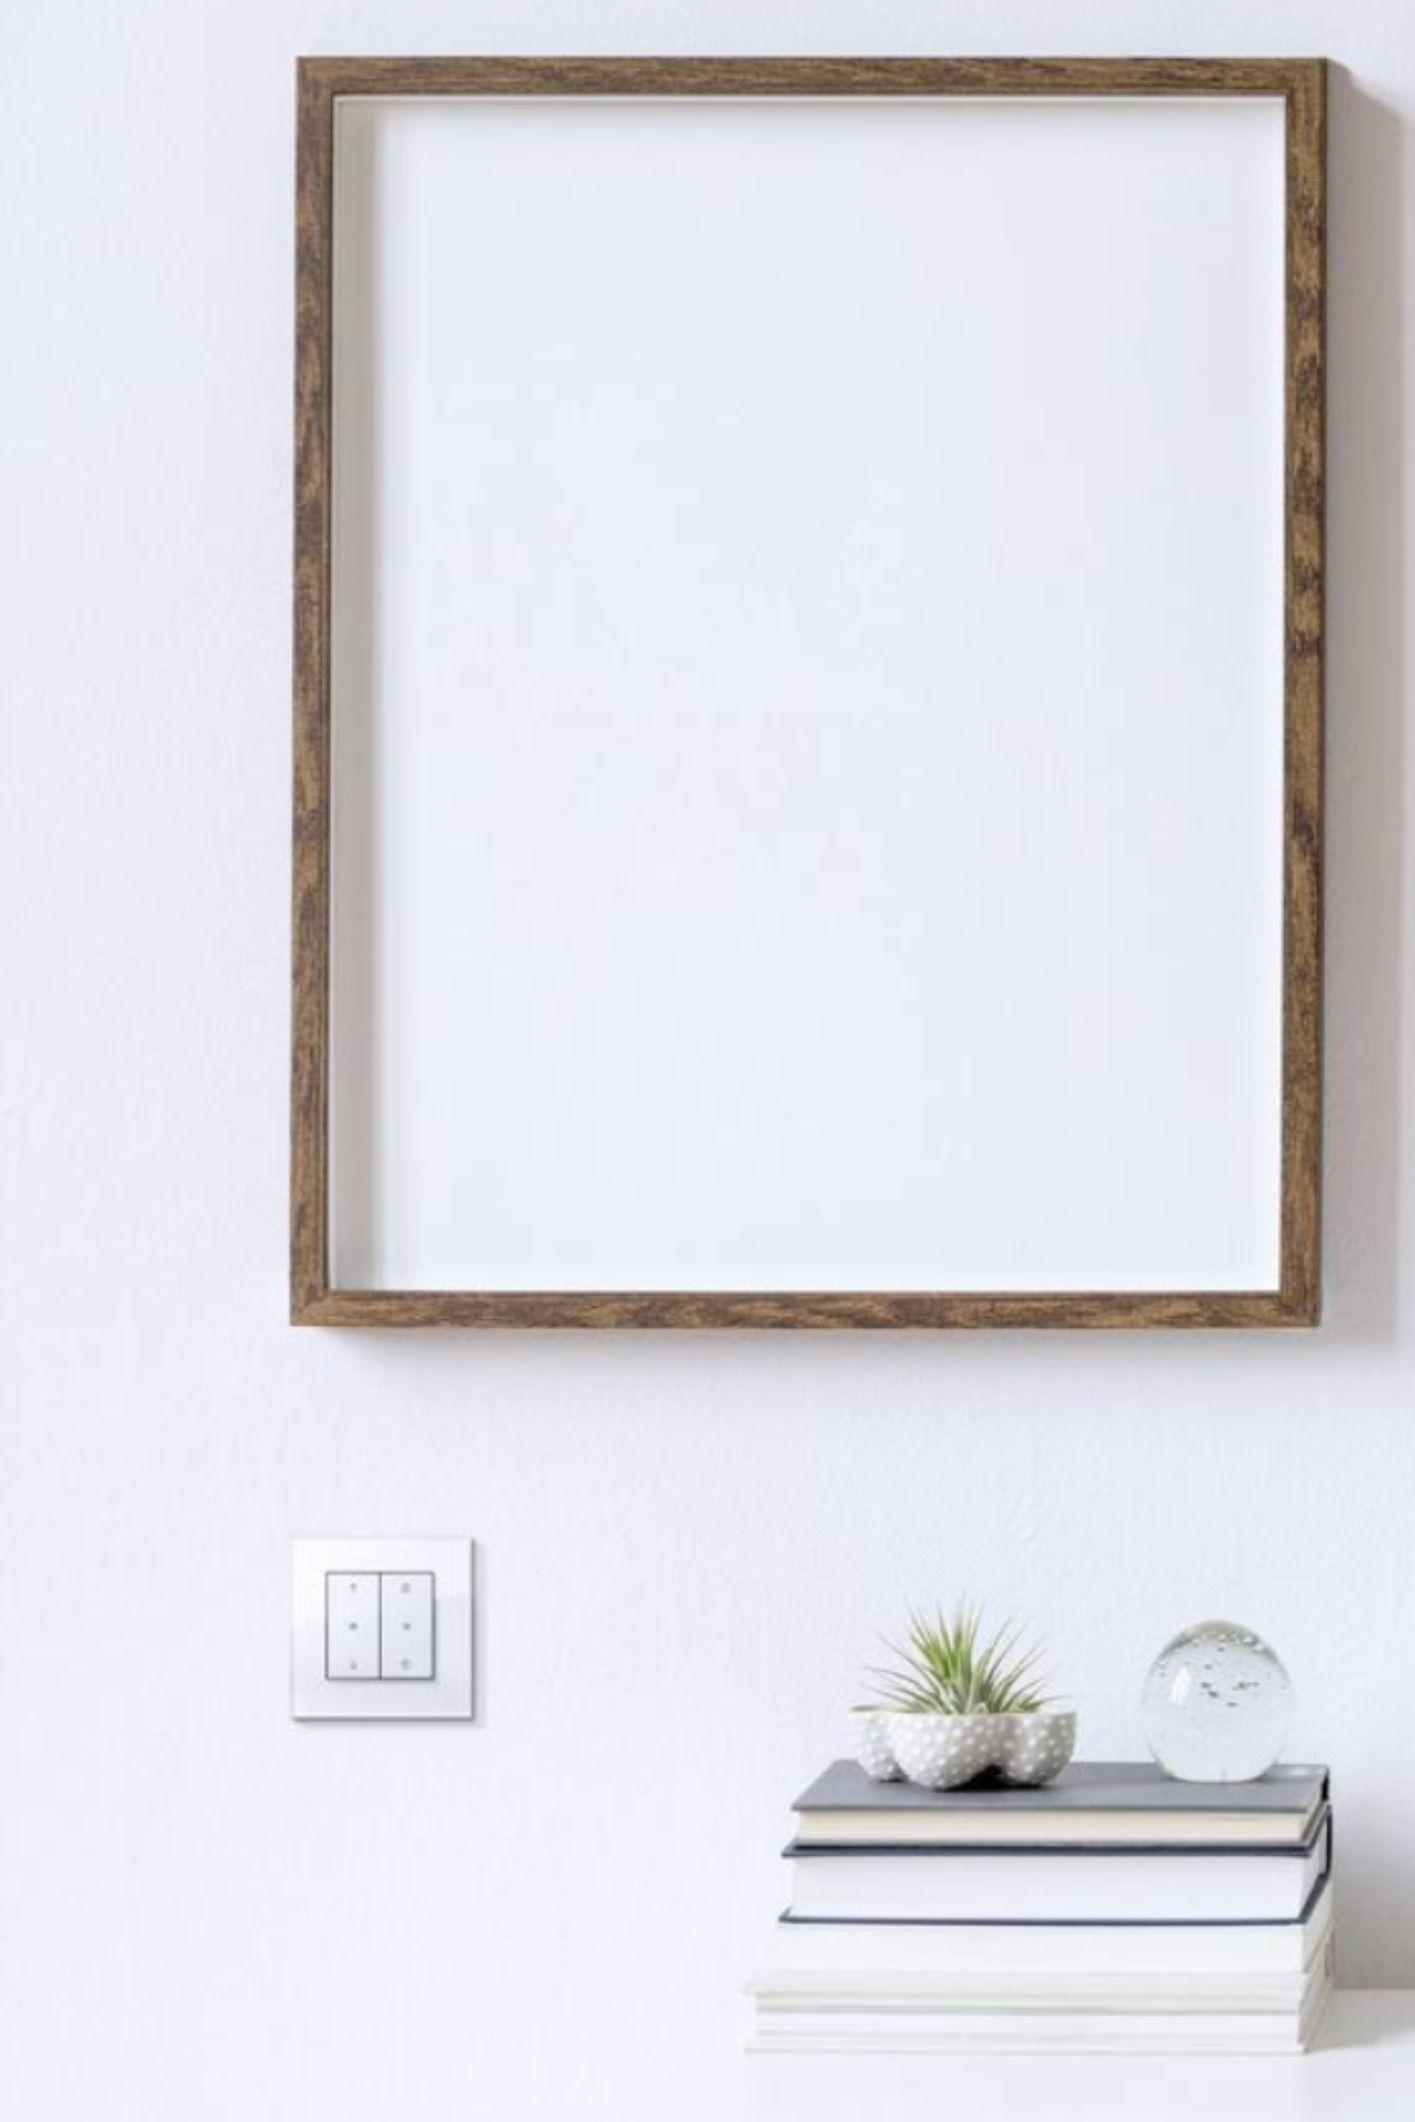 Smart Home Leichtgemacht In 2020 Lichtsteuerung Smart Home Licht Haustechnik